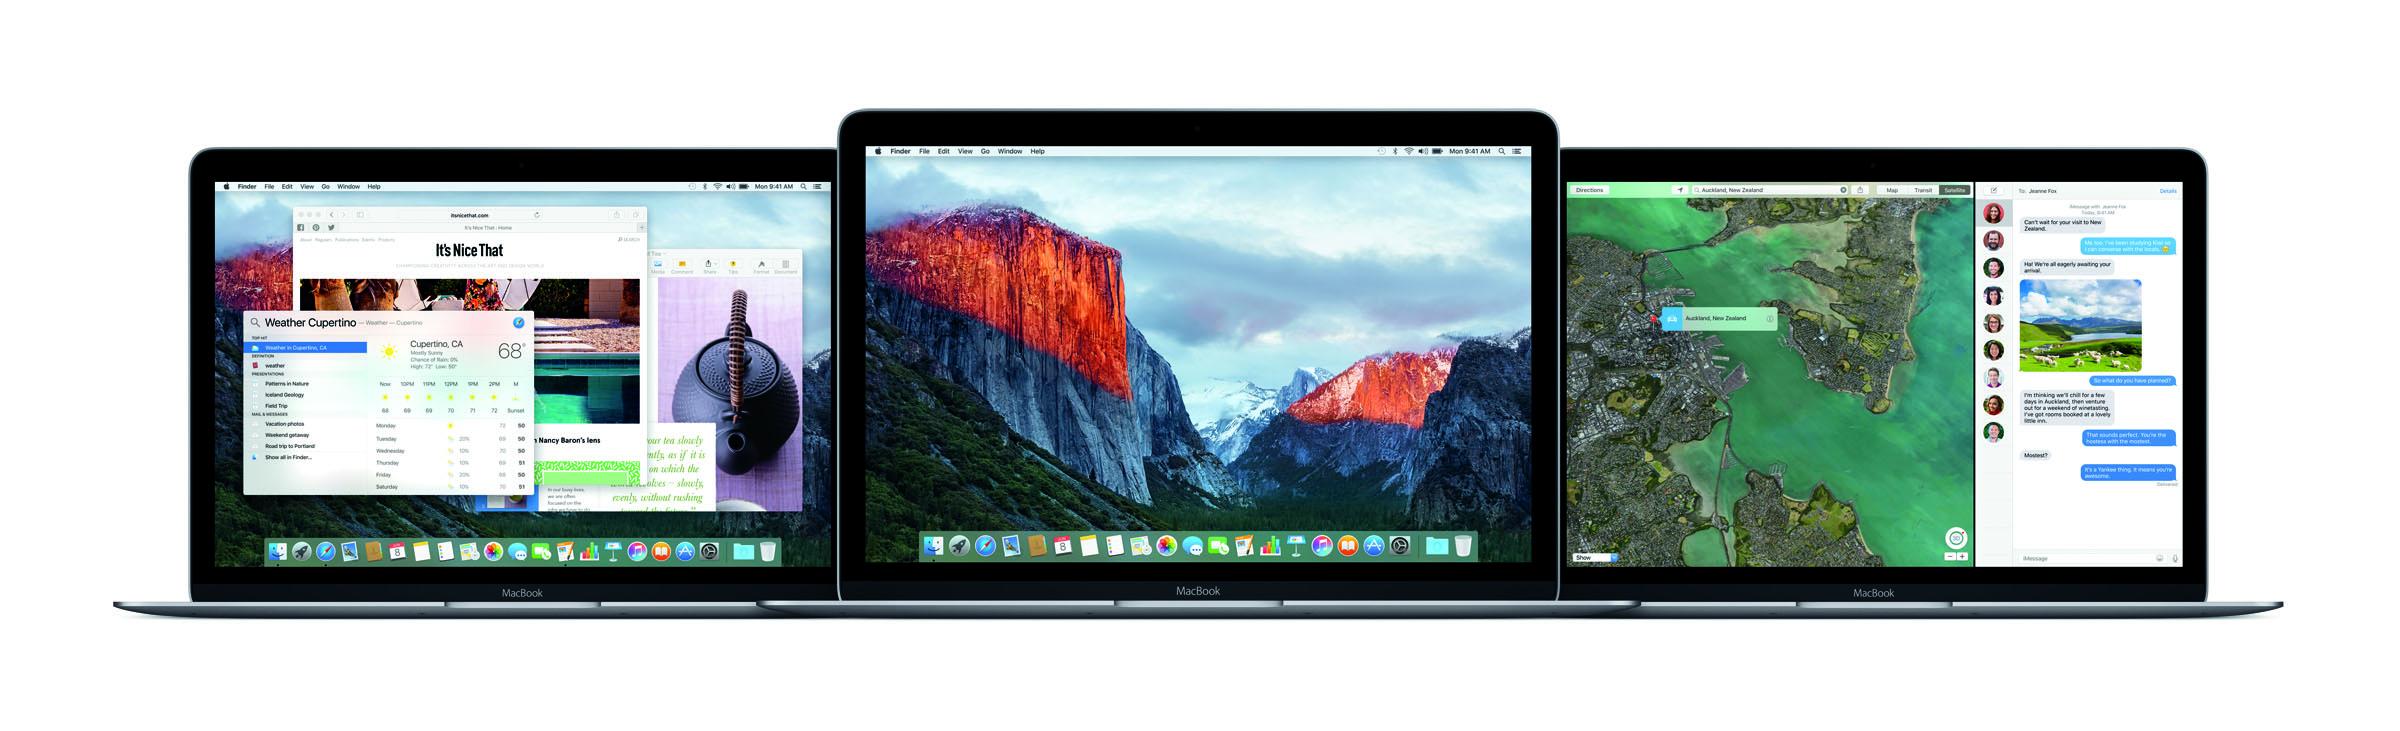 Mac OS X El Capitan - 1